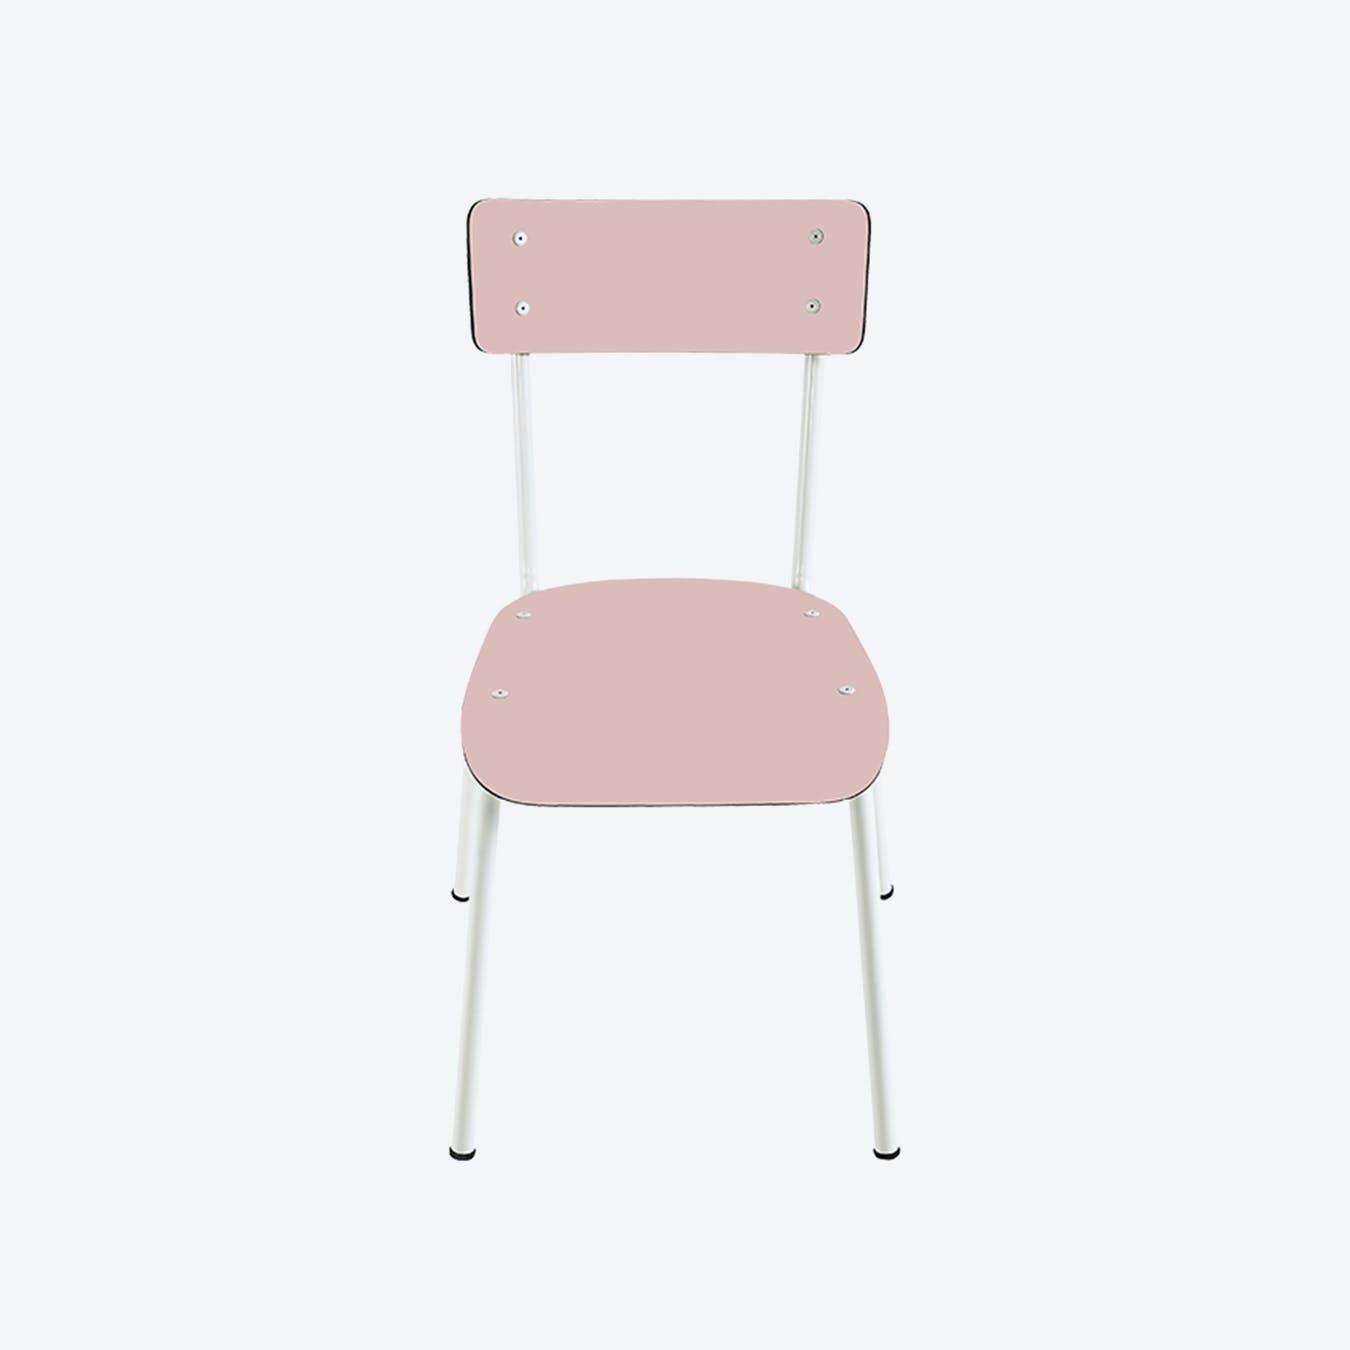 Suzie Chair - Powdery Pink